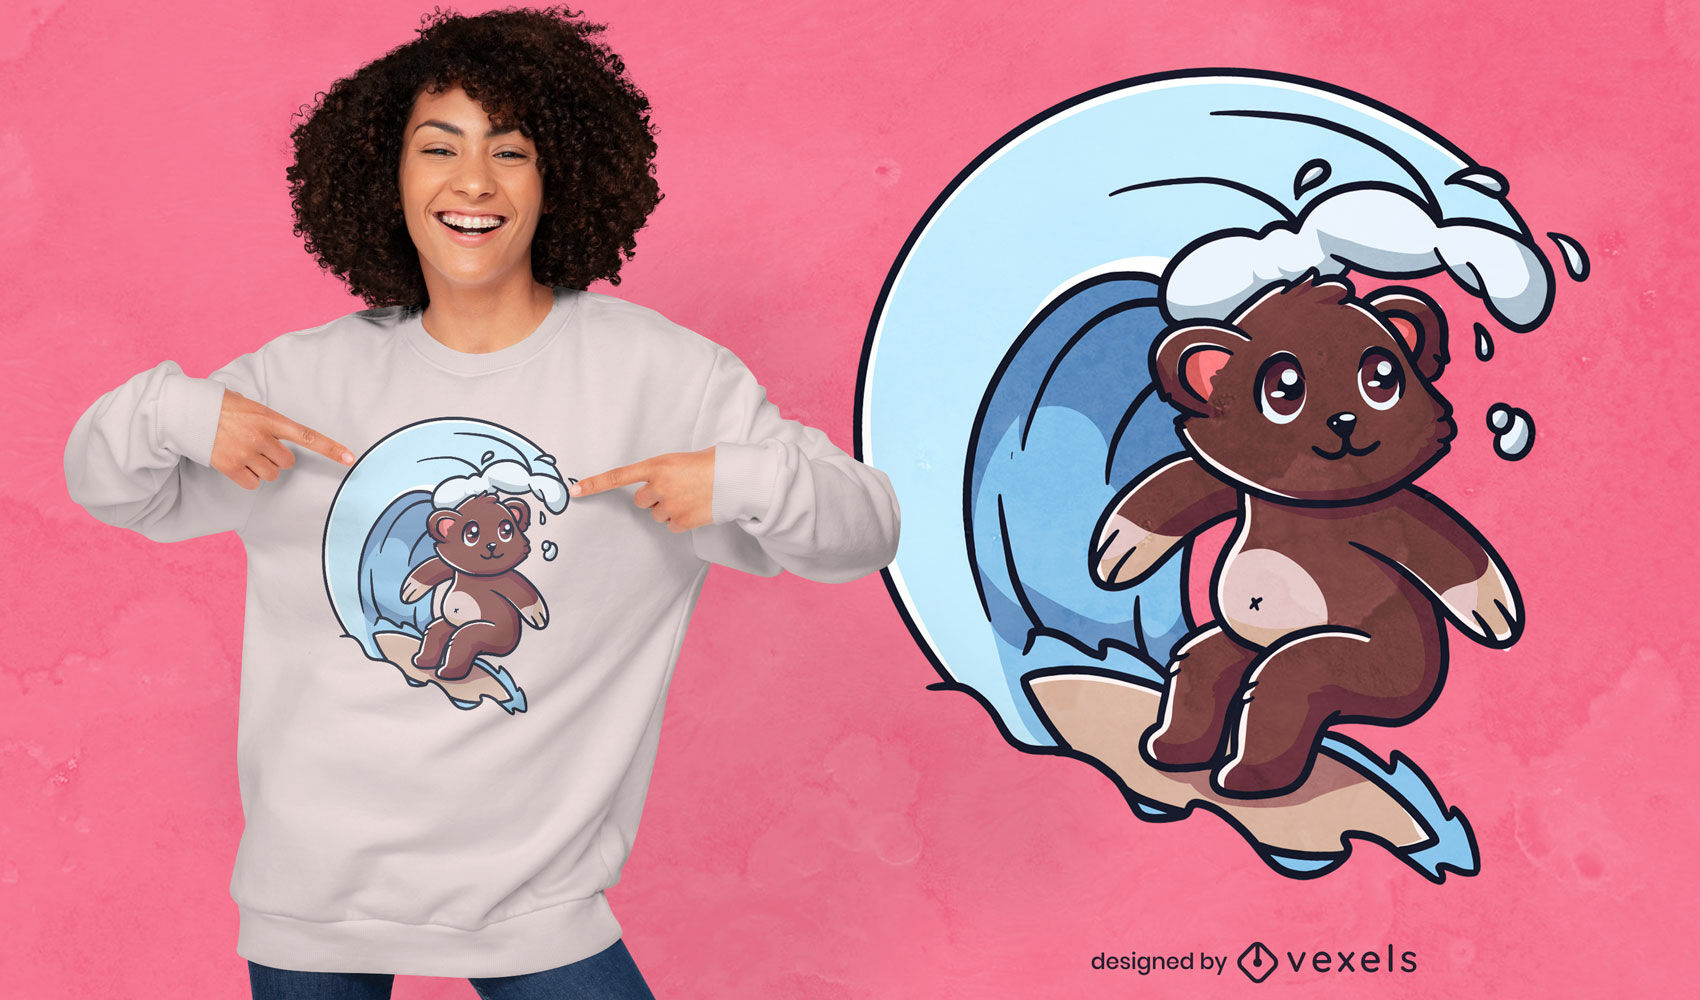 Cute surfing bear t-shirt design